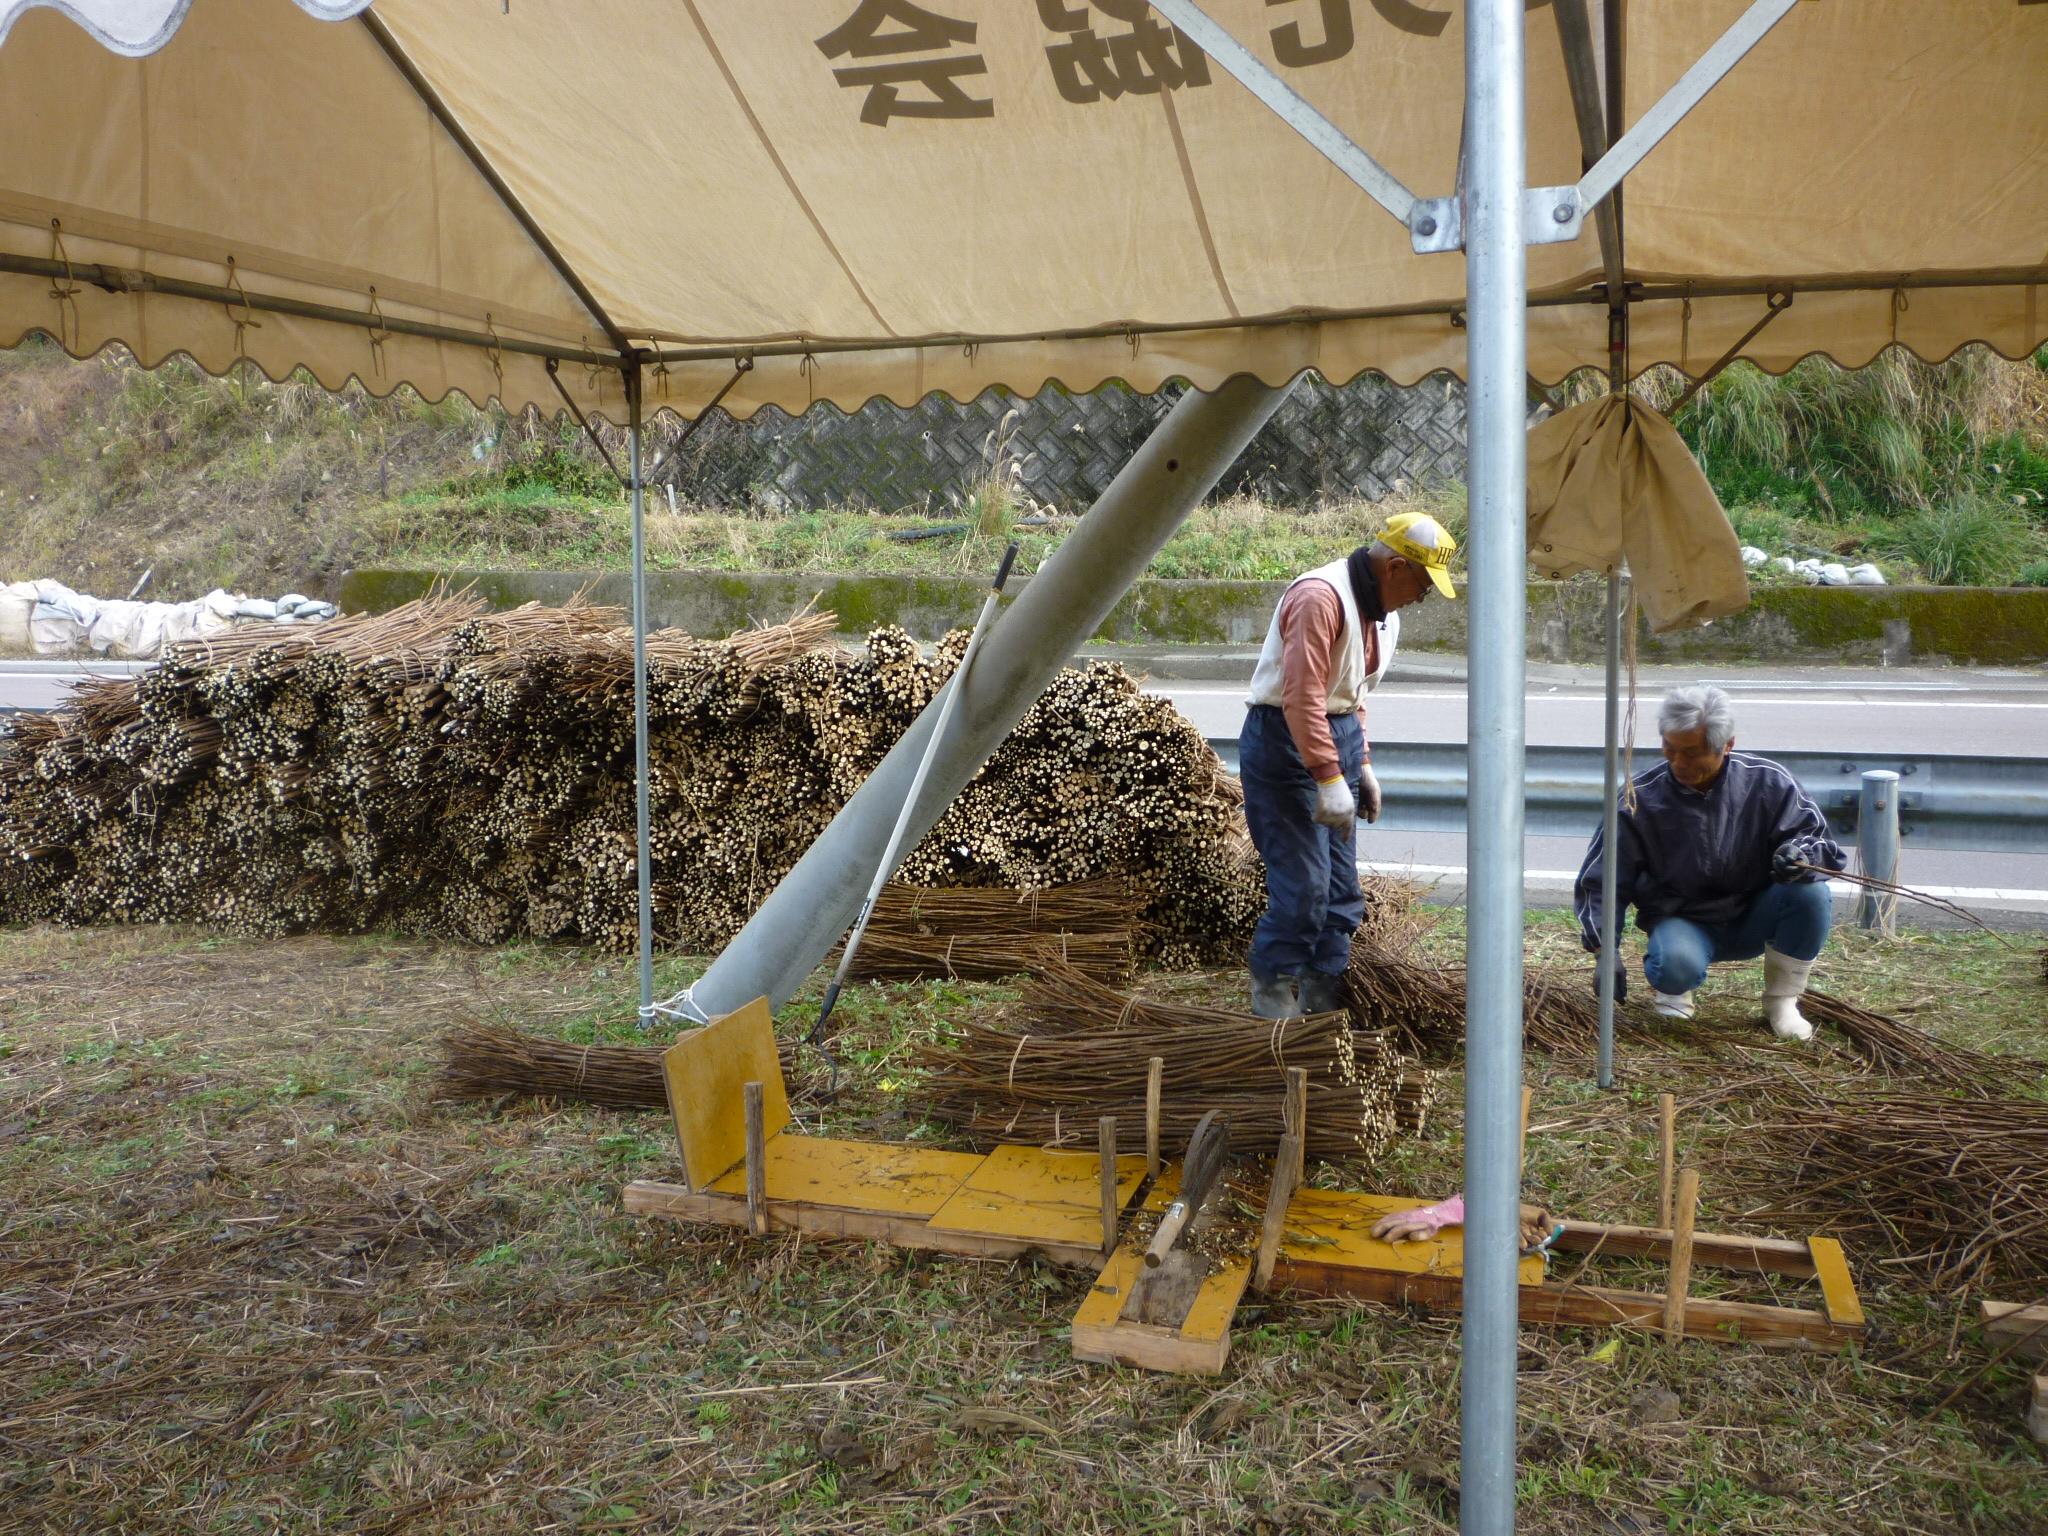 楮栽培復活事業: 紙漉つらつらブ...